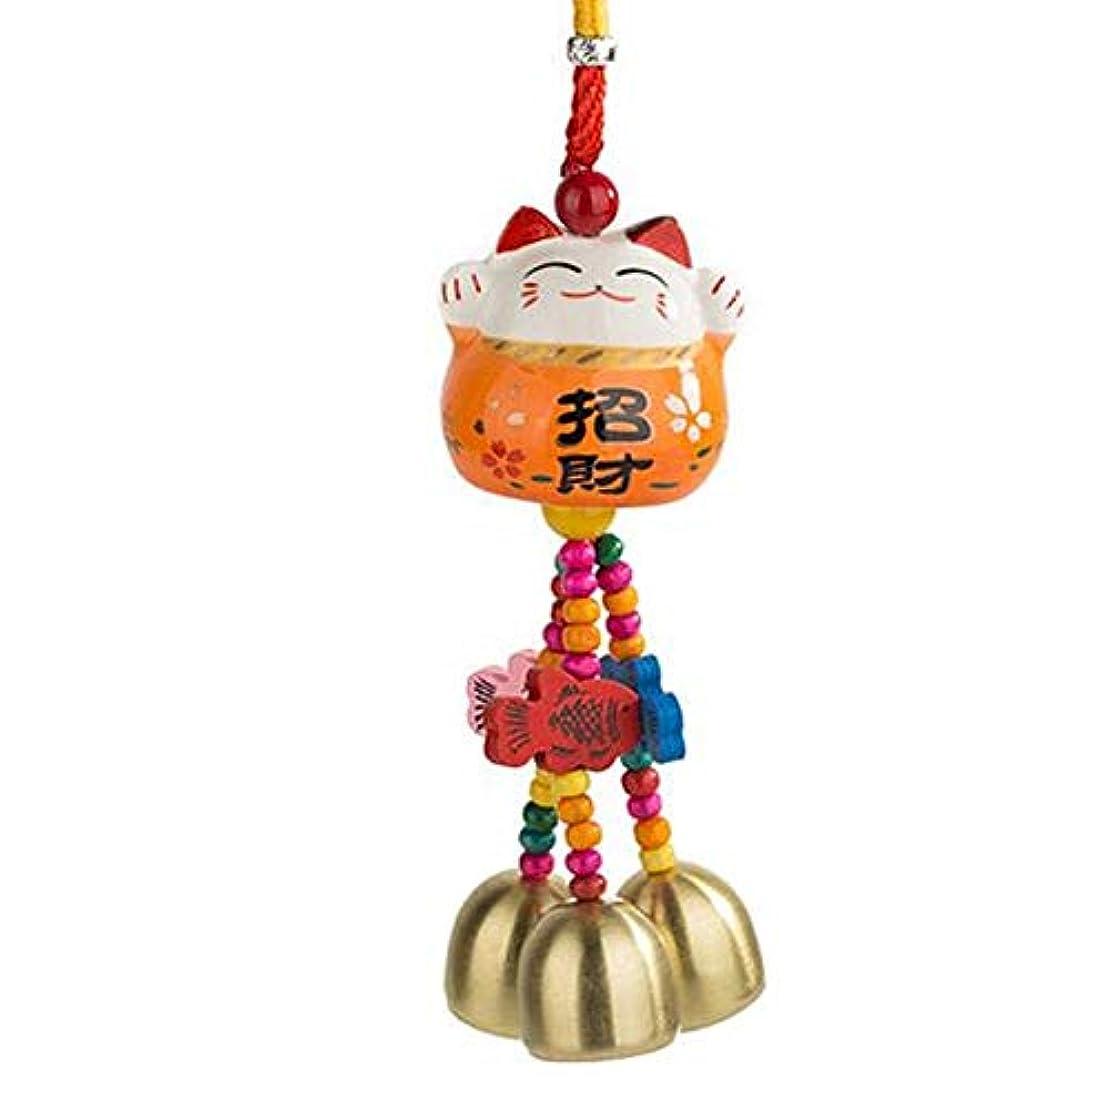 叱るピクニックセンブランスAishanghuayi 風チャイム、かわいいクリエイティブセラミック猫風の鐘、赤、長い28センチメートル,ファッションオーナメント (Color : Orange)